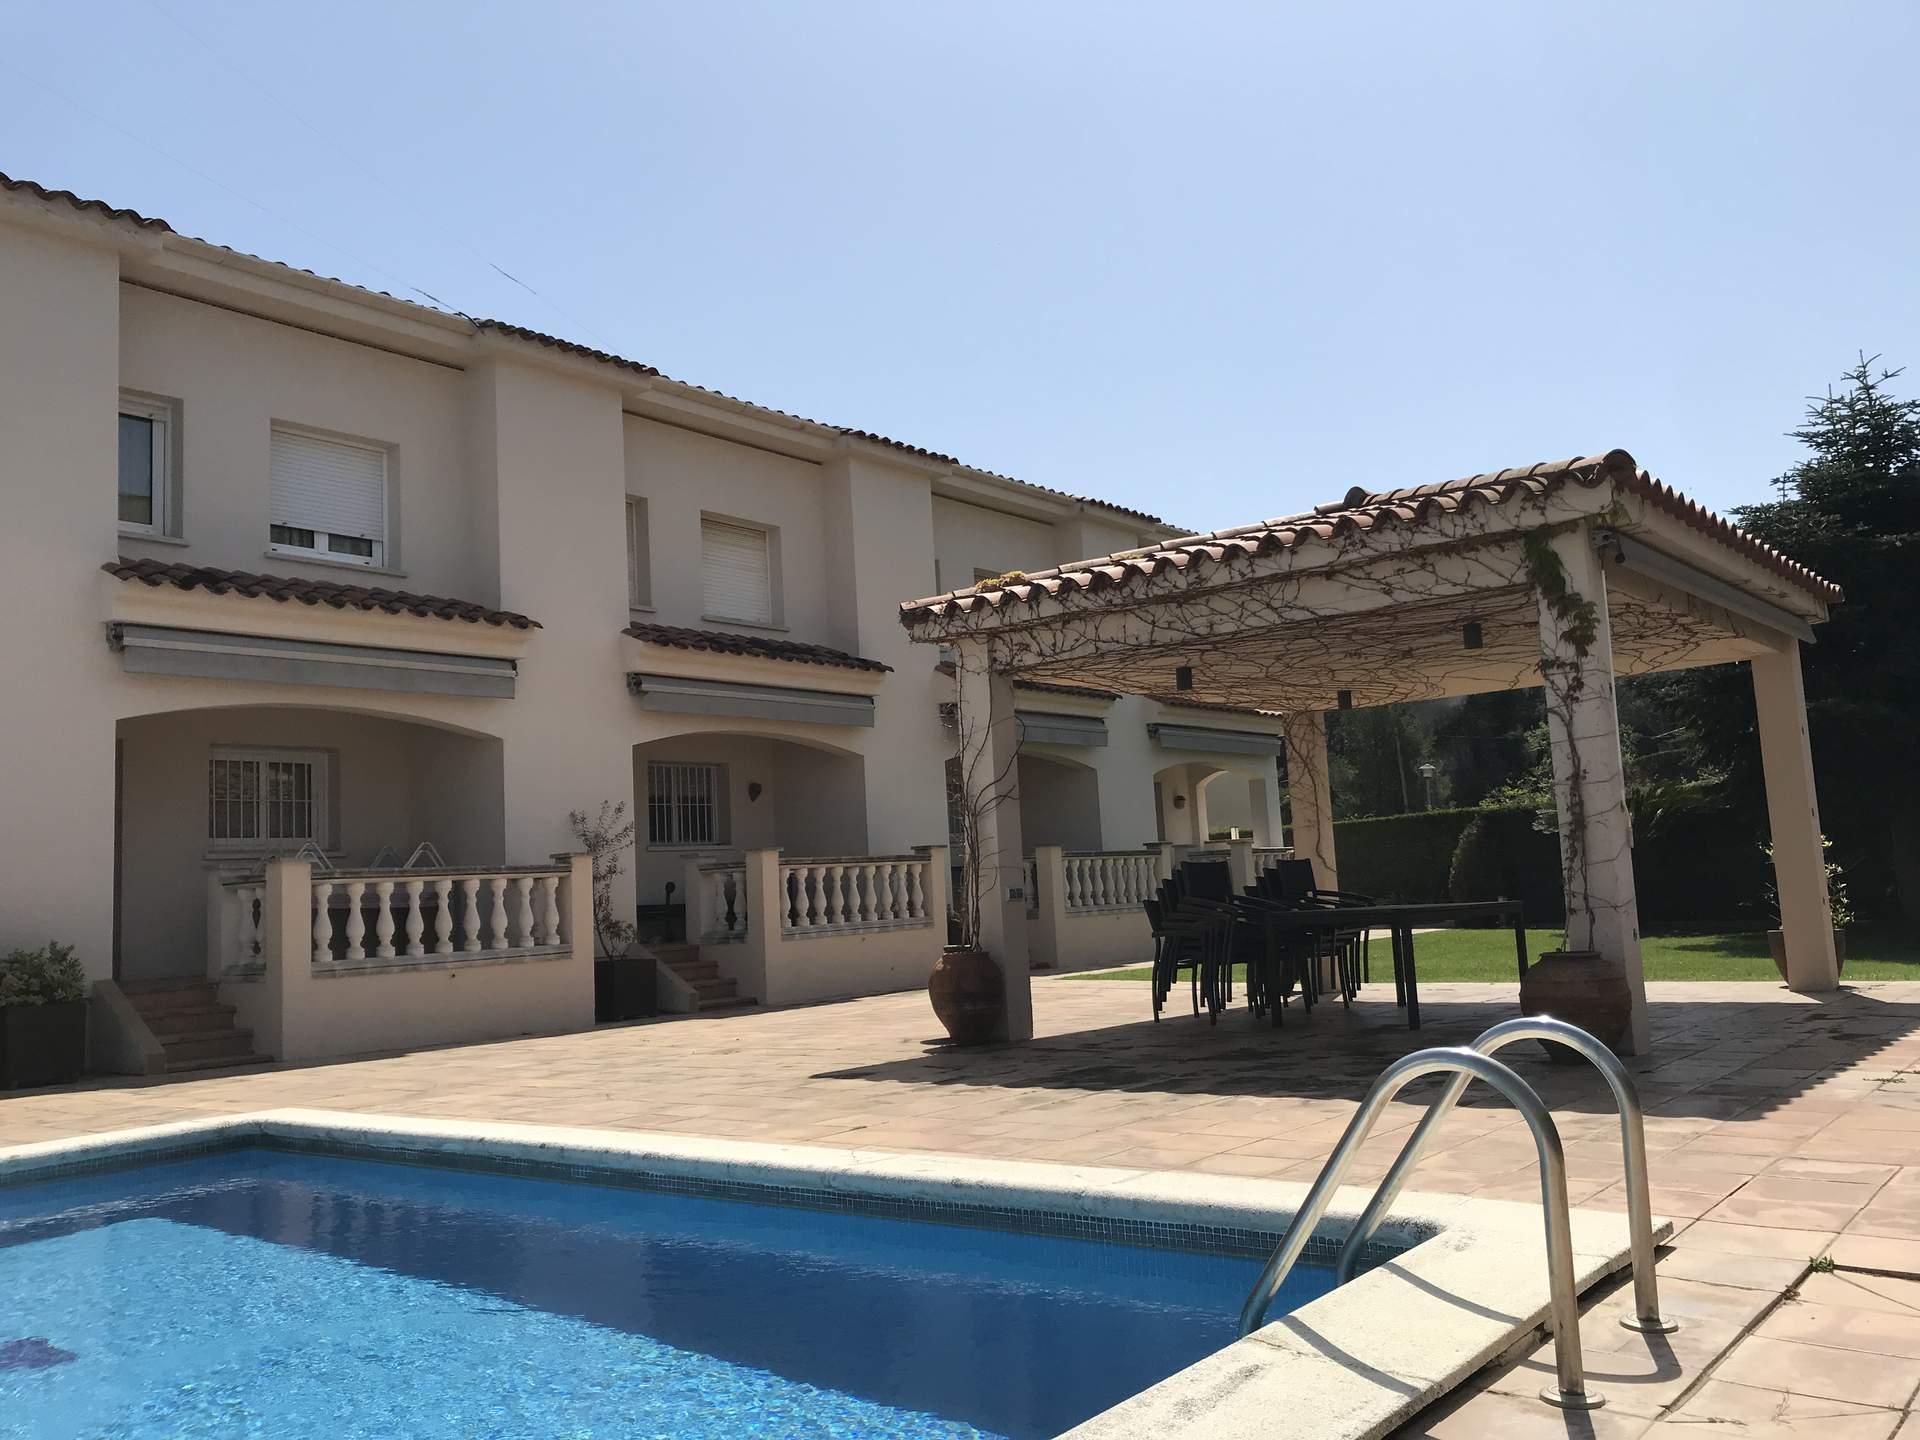 Vakantiehuis Huis La Fosca